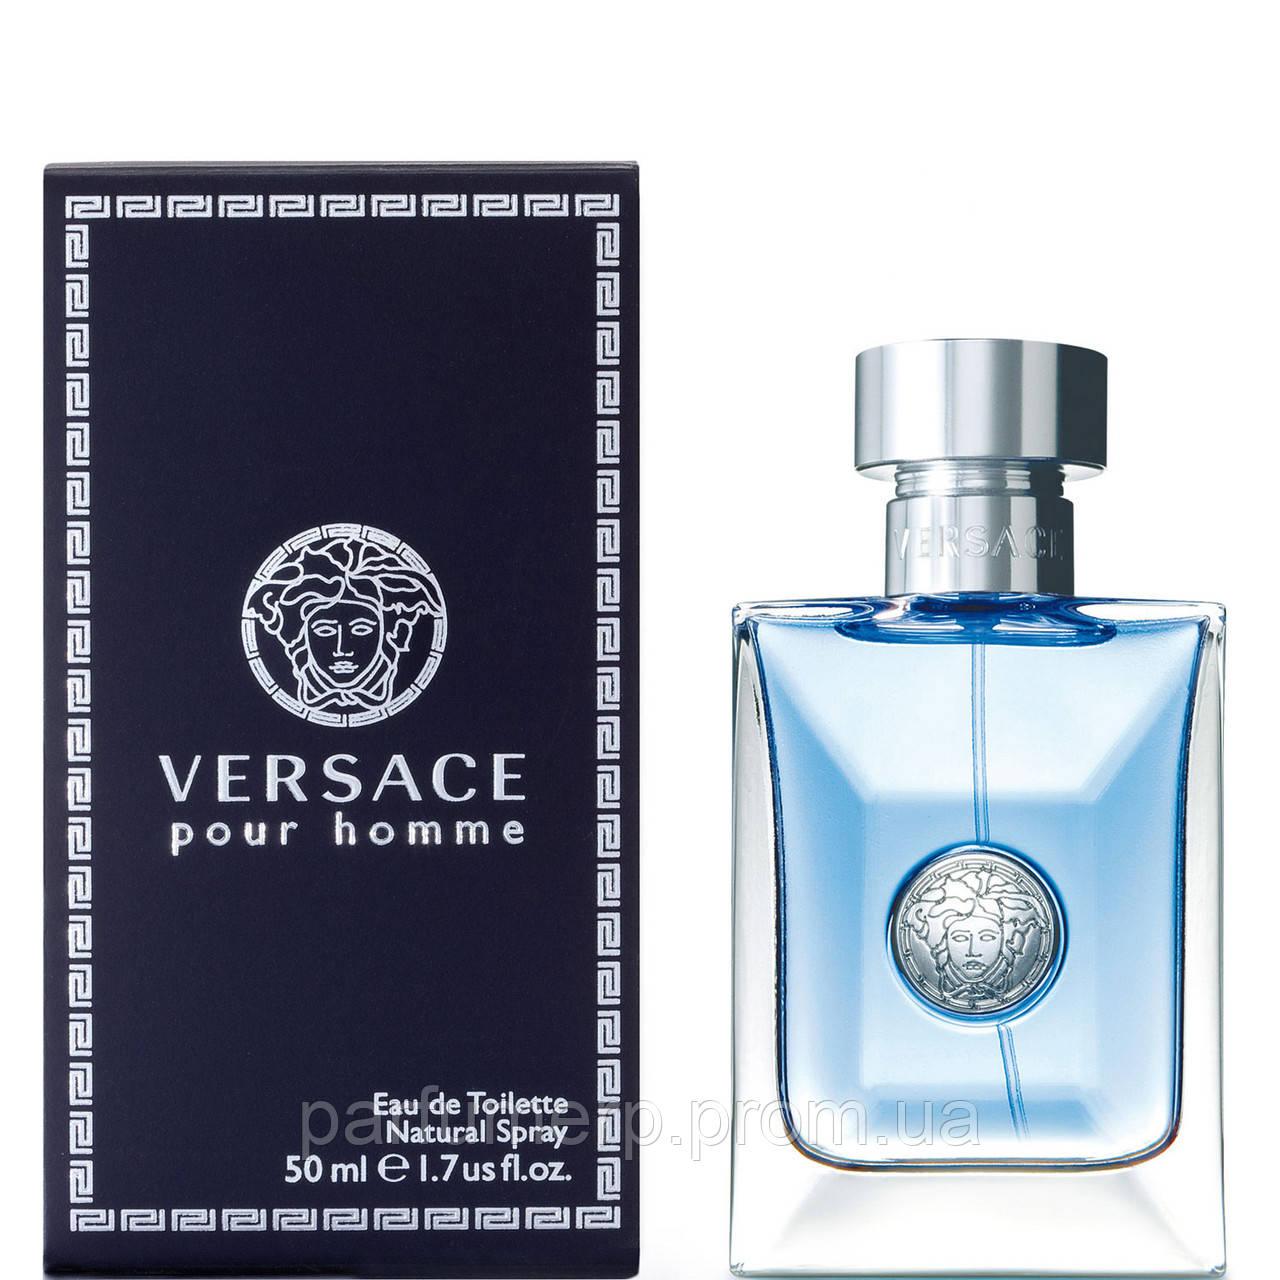 Versace Pour Homme 50мл (Версаче Пур Хом) - Оригинал!